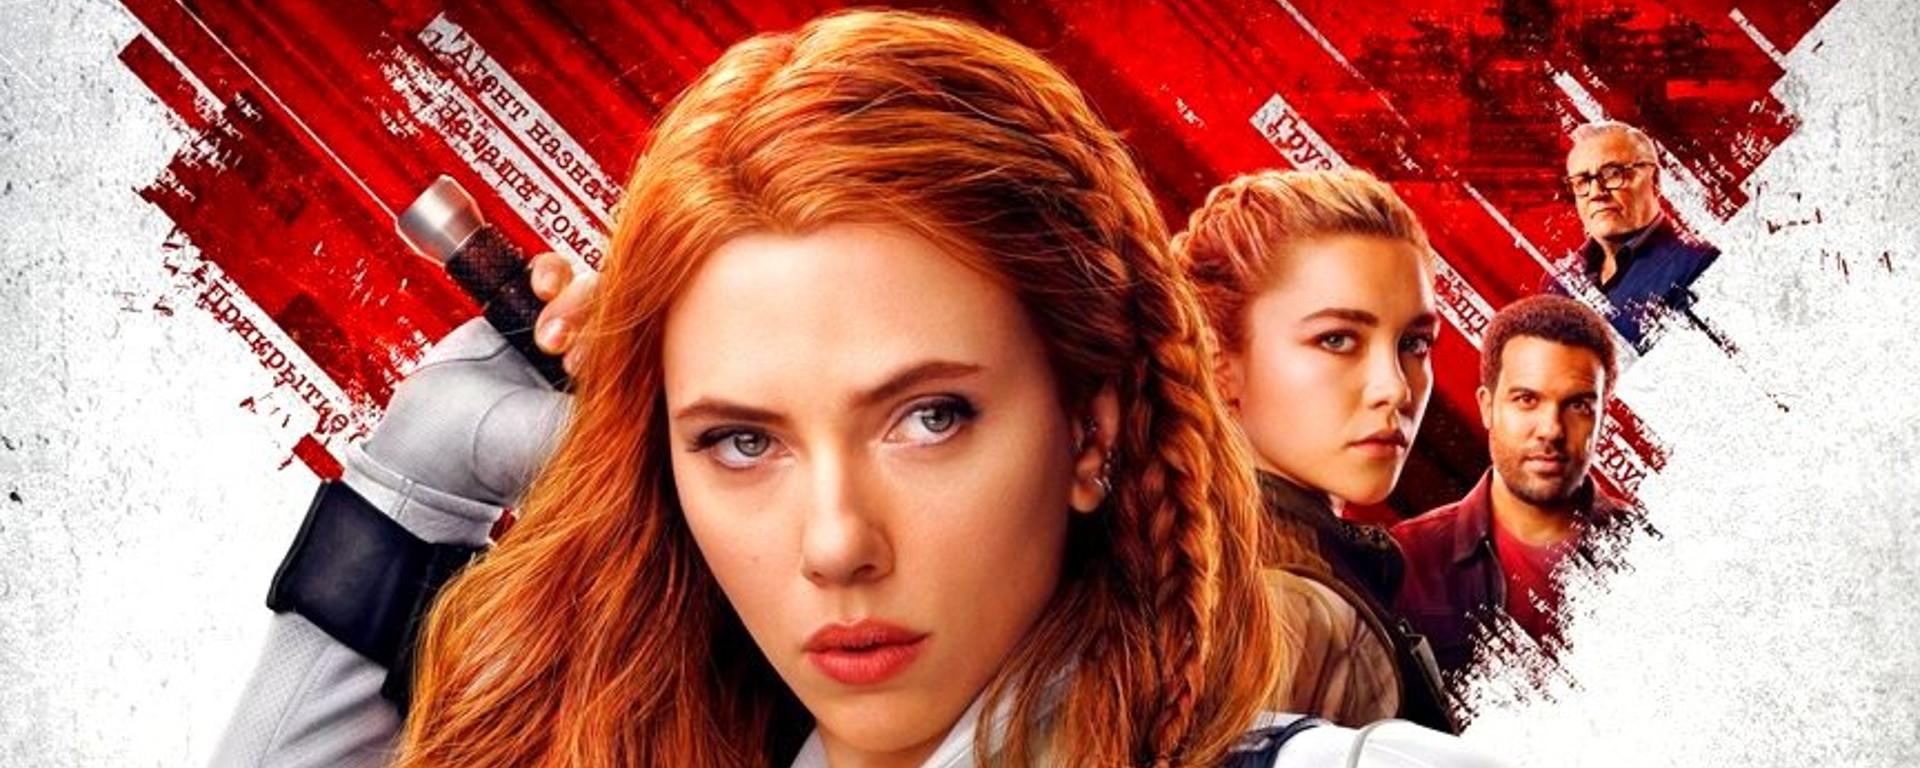 Black Widow Movie Header